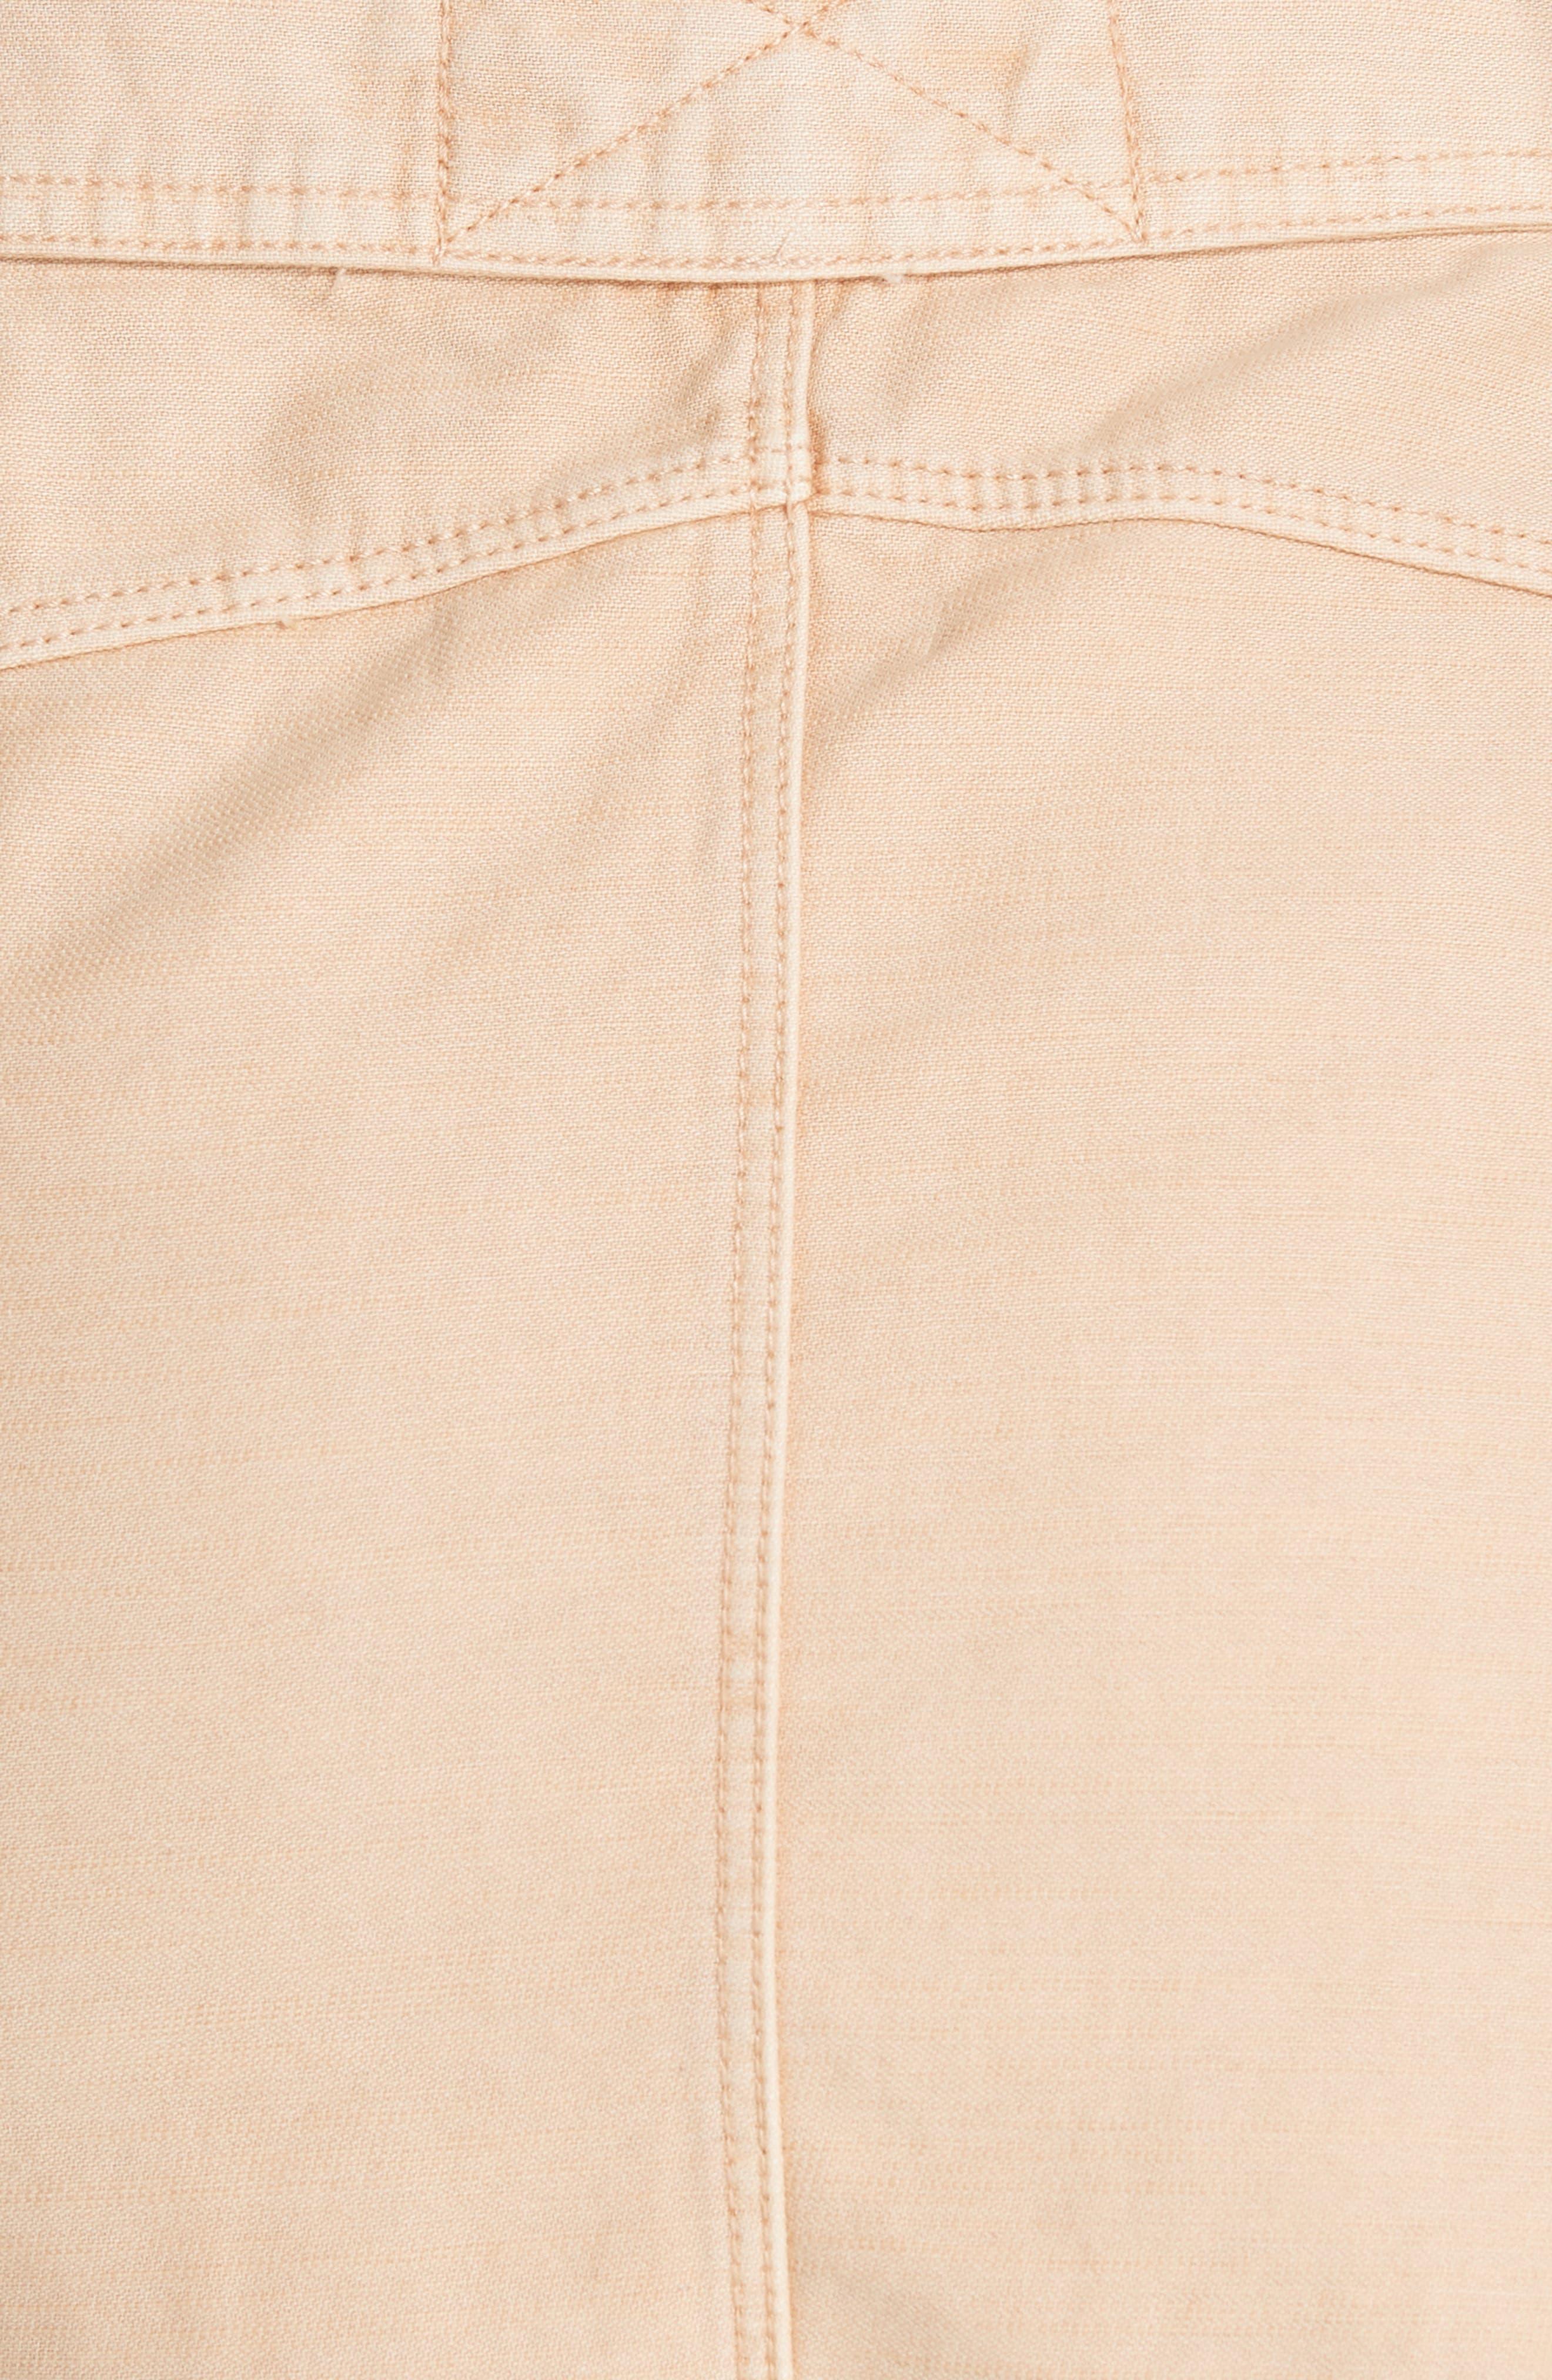 Hangin' On Tight Miniskirt,                             Alternate thumbnail 7, color,                             Nude